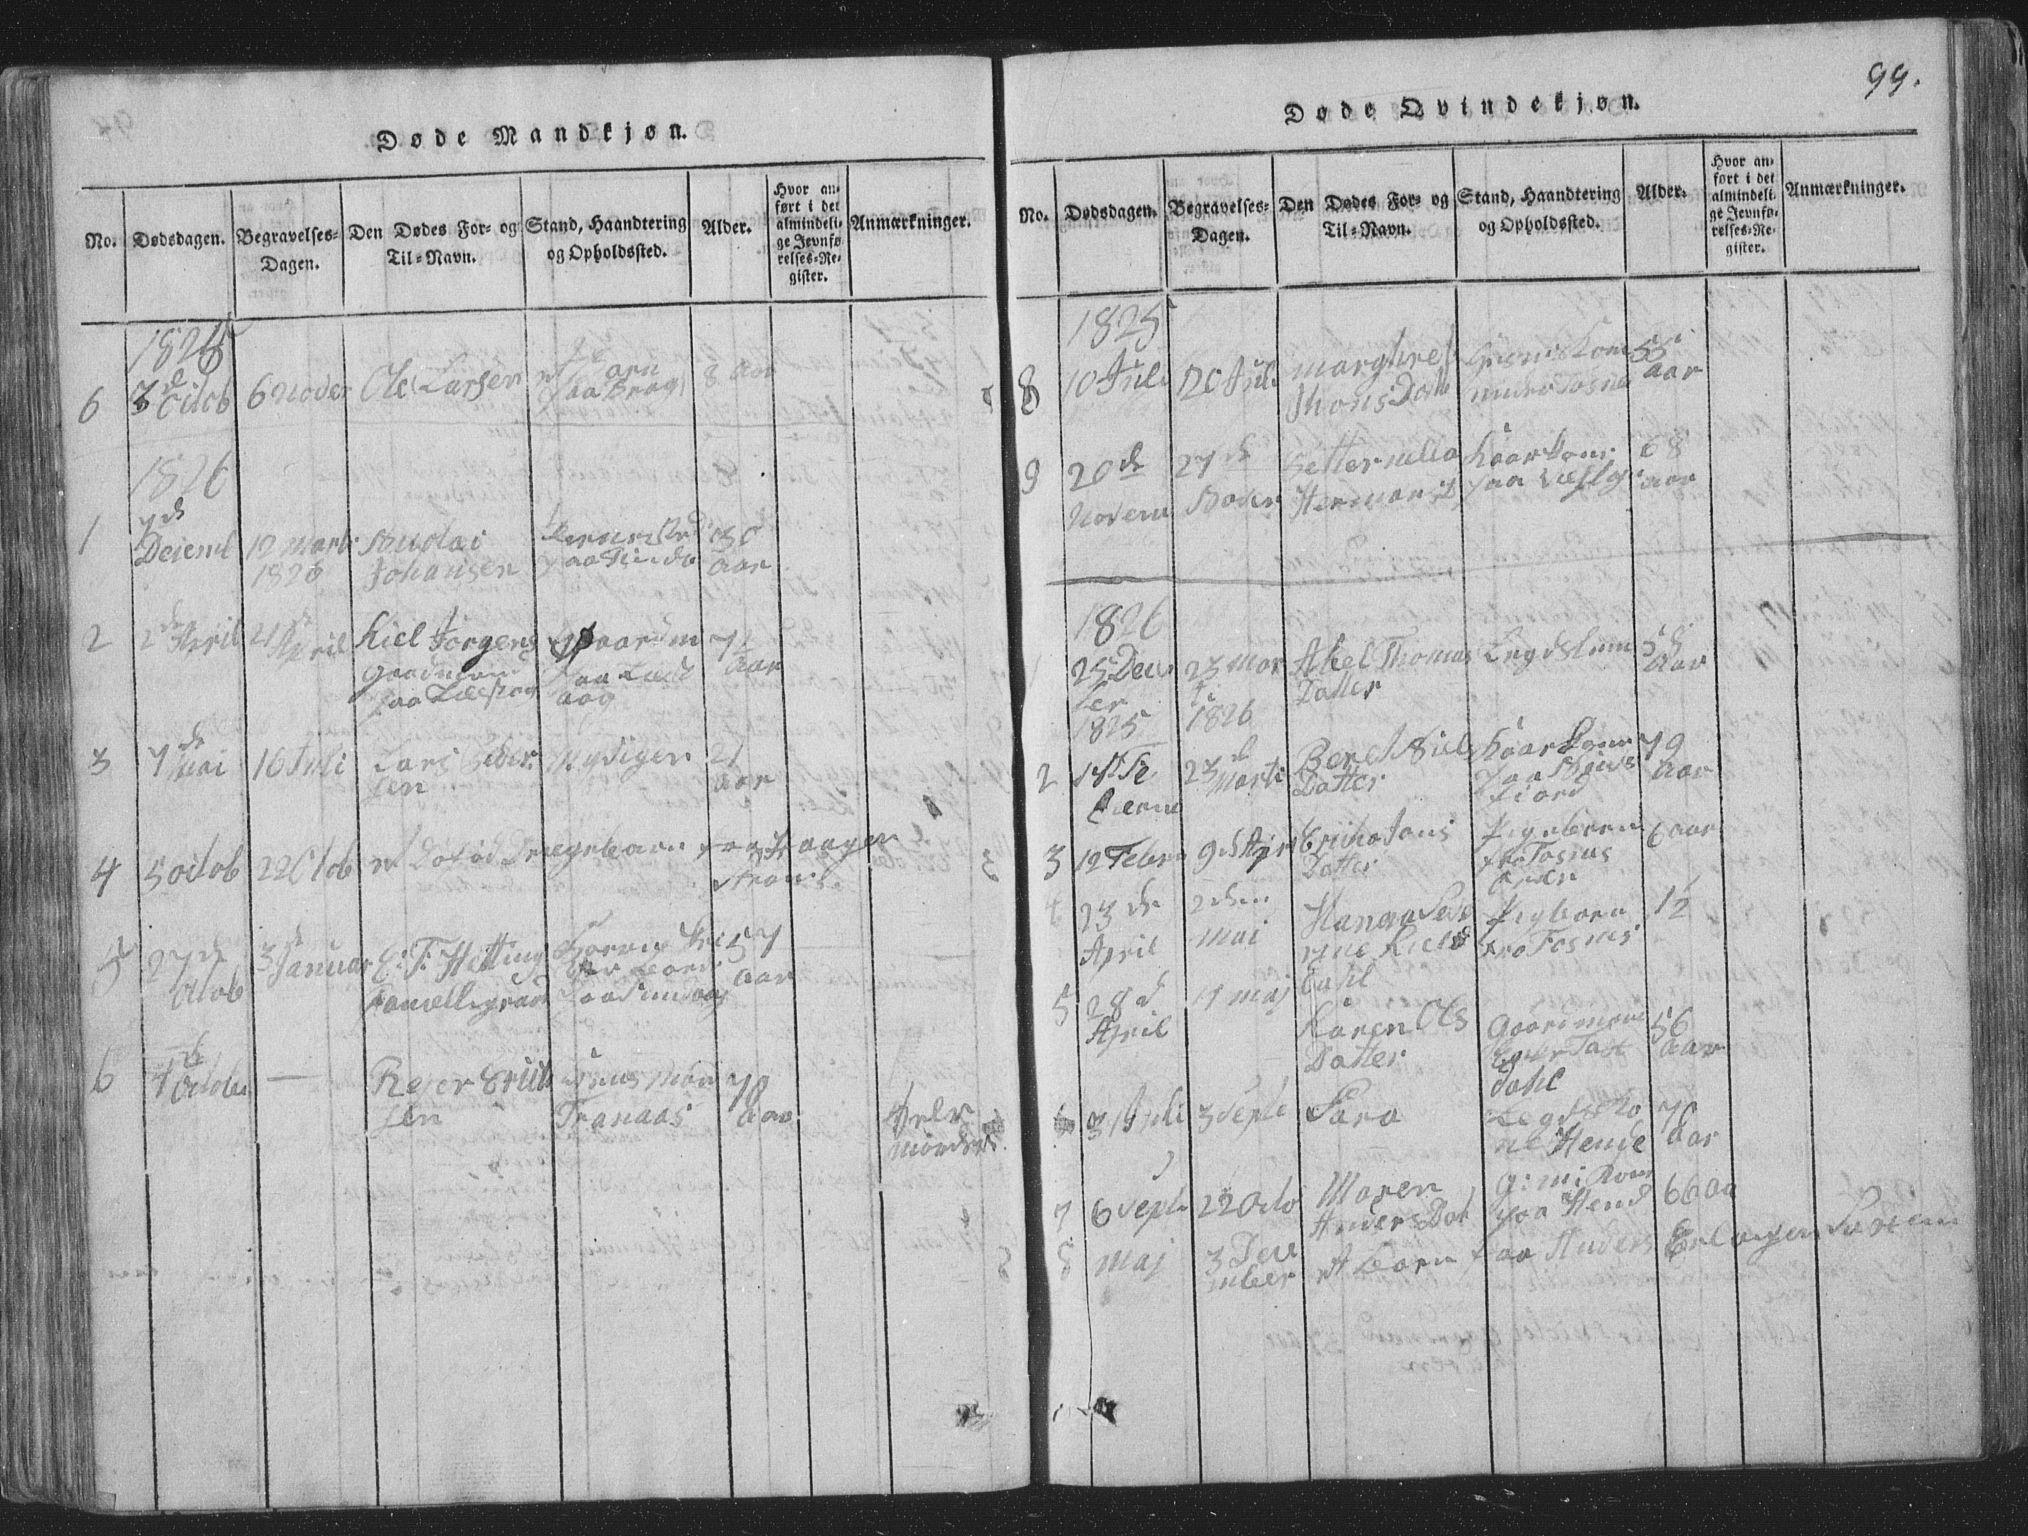 SAT, Ministerialprotokoller, klokkerbøker og fødselsregistre - Nord-Trøndelag, 773/L0613: Ministerialbok nr. 773A04, 1815-1845, s. 99